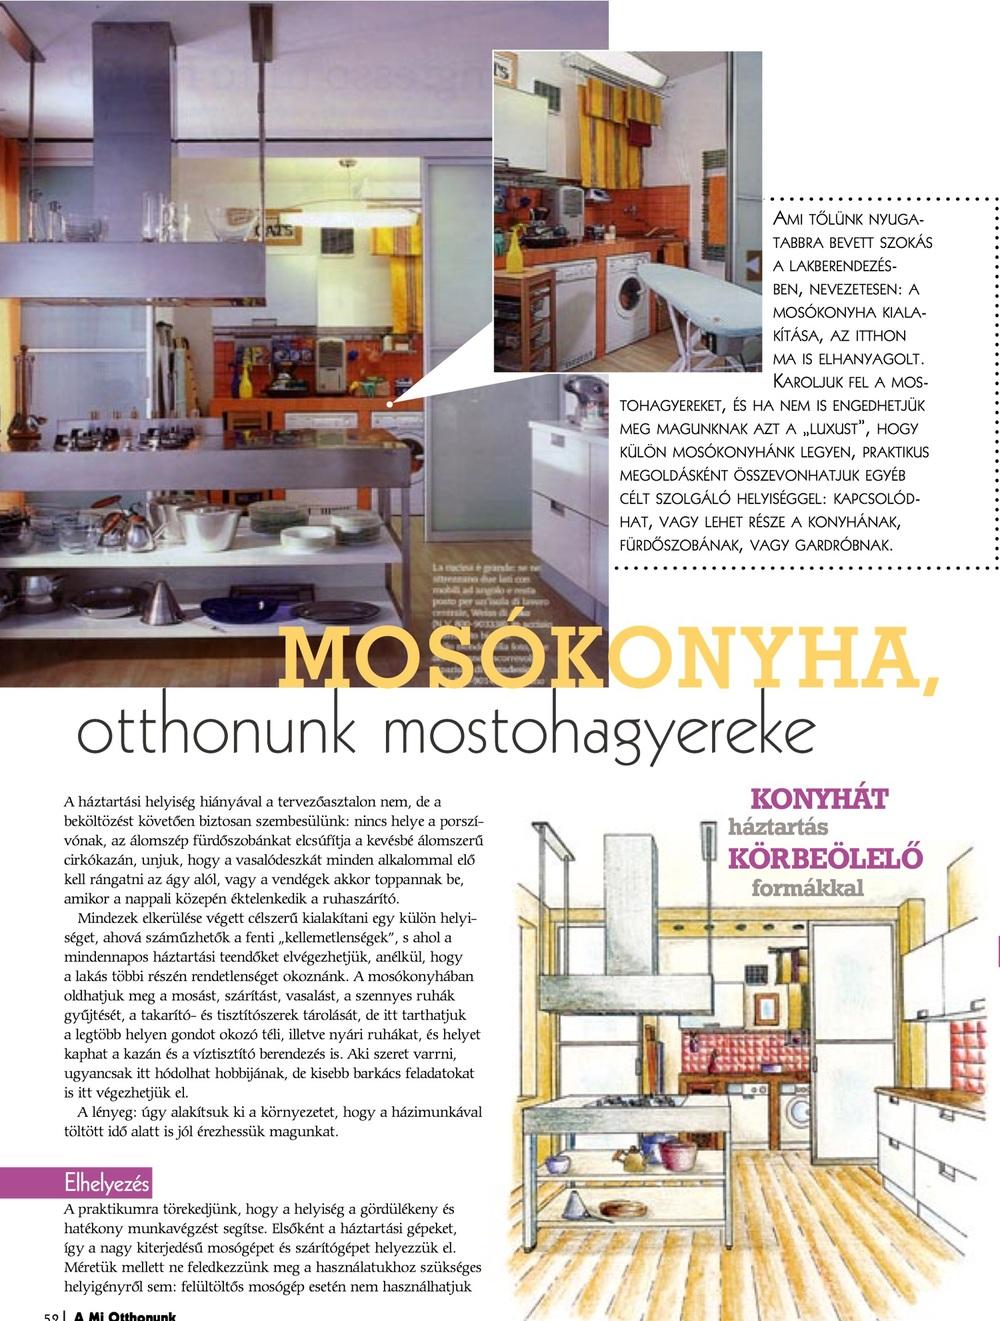 Mosókonyha, A mi otthonunk 2008.október